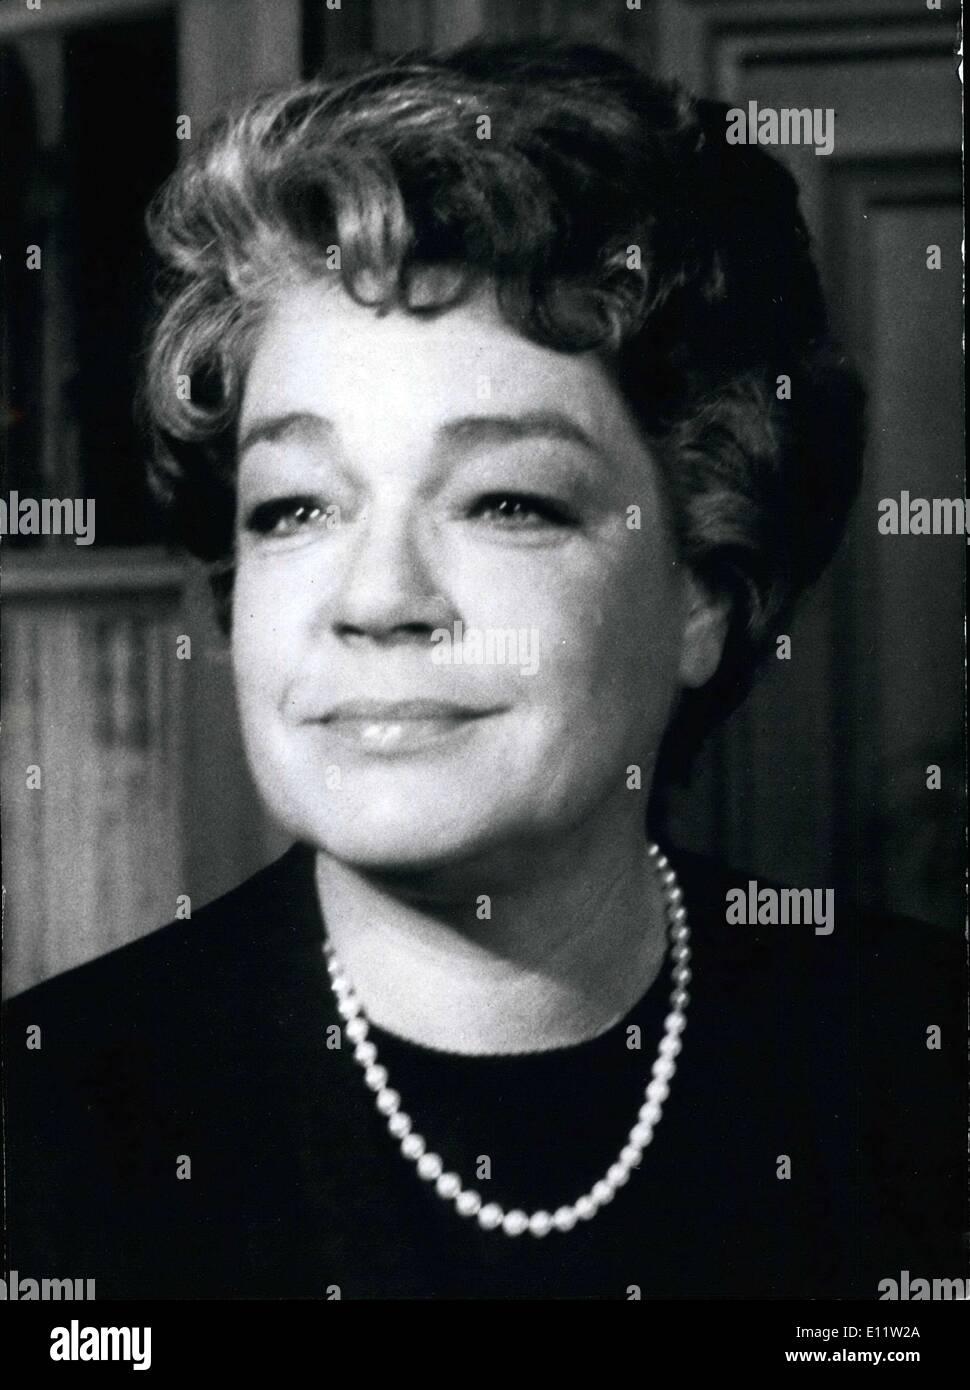 CINE FRANCÉS -le topique- - Página 6 Agosto-01-1980-la-famosa-actriz-simone-signoret-esta-en-el-hospital-aqui-esta-una-foto-de-ella-en-la-pelicula-el-gato-en-el-que-jean-gabin-fue-su-co-estrella-e11w2a